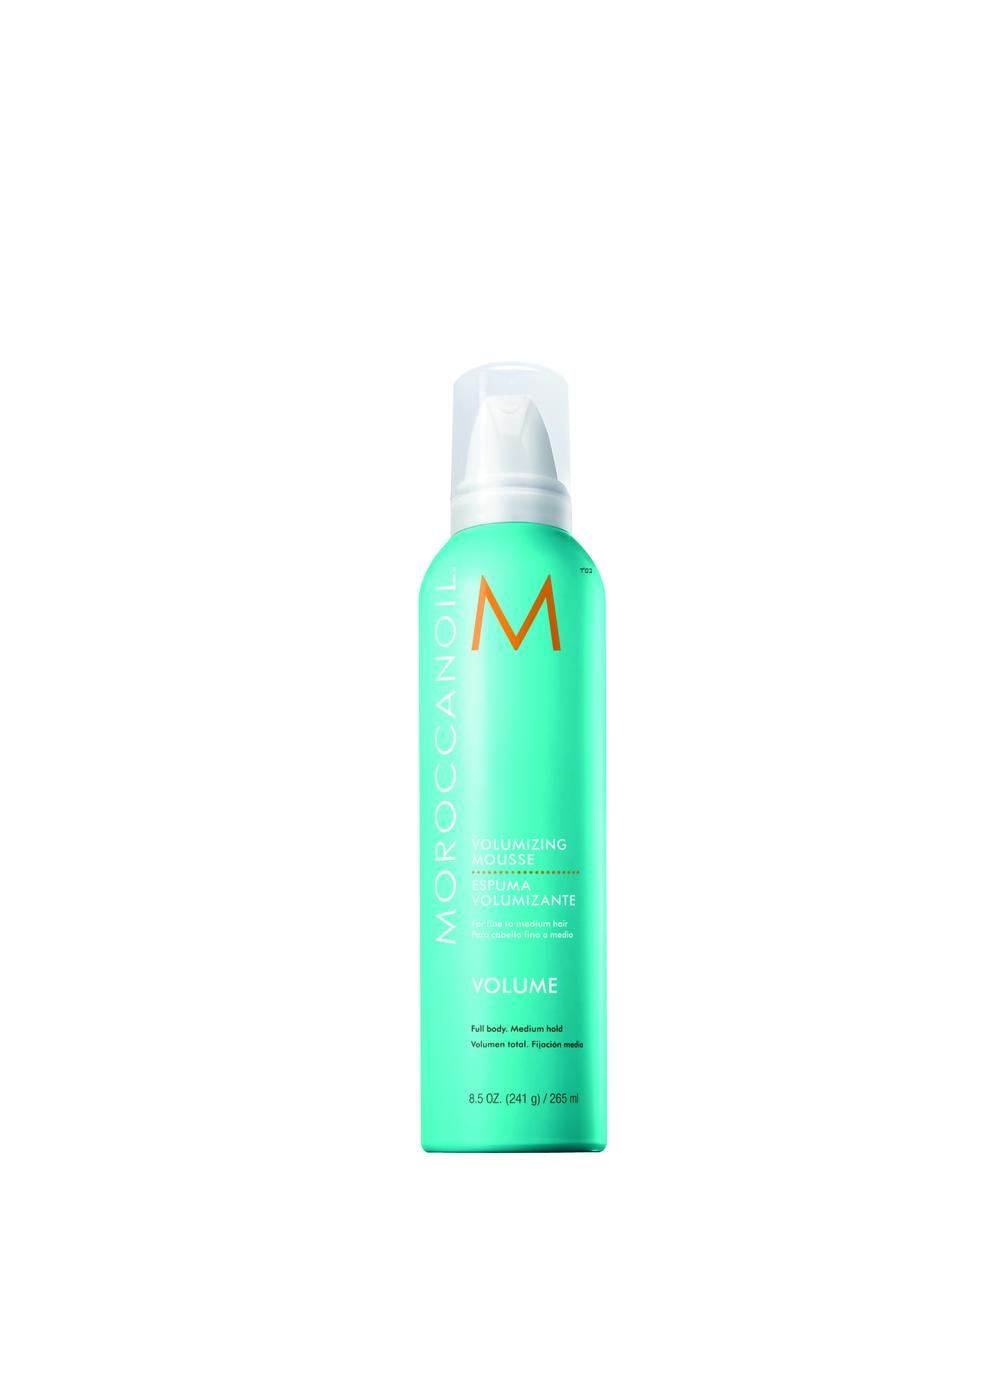 Clients|Moroccanoil